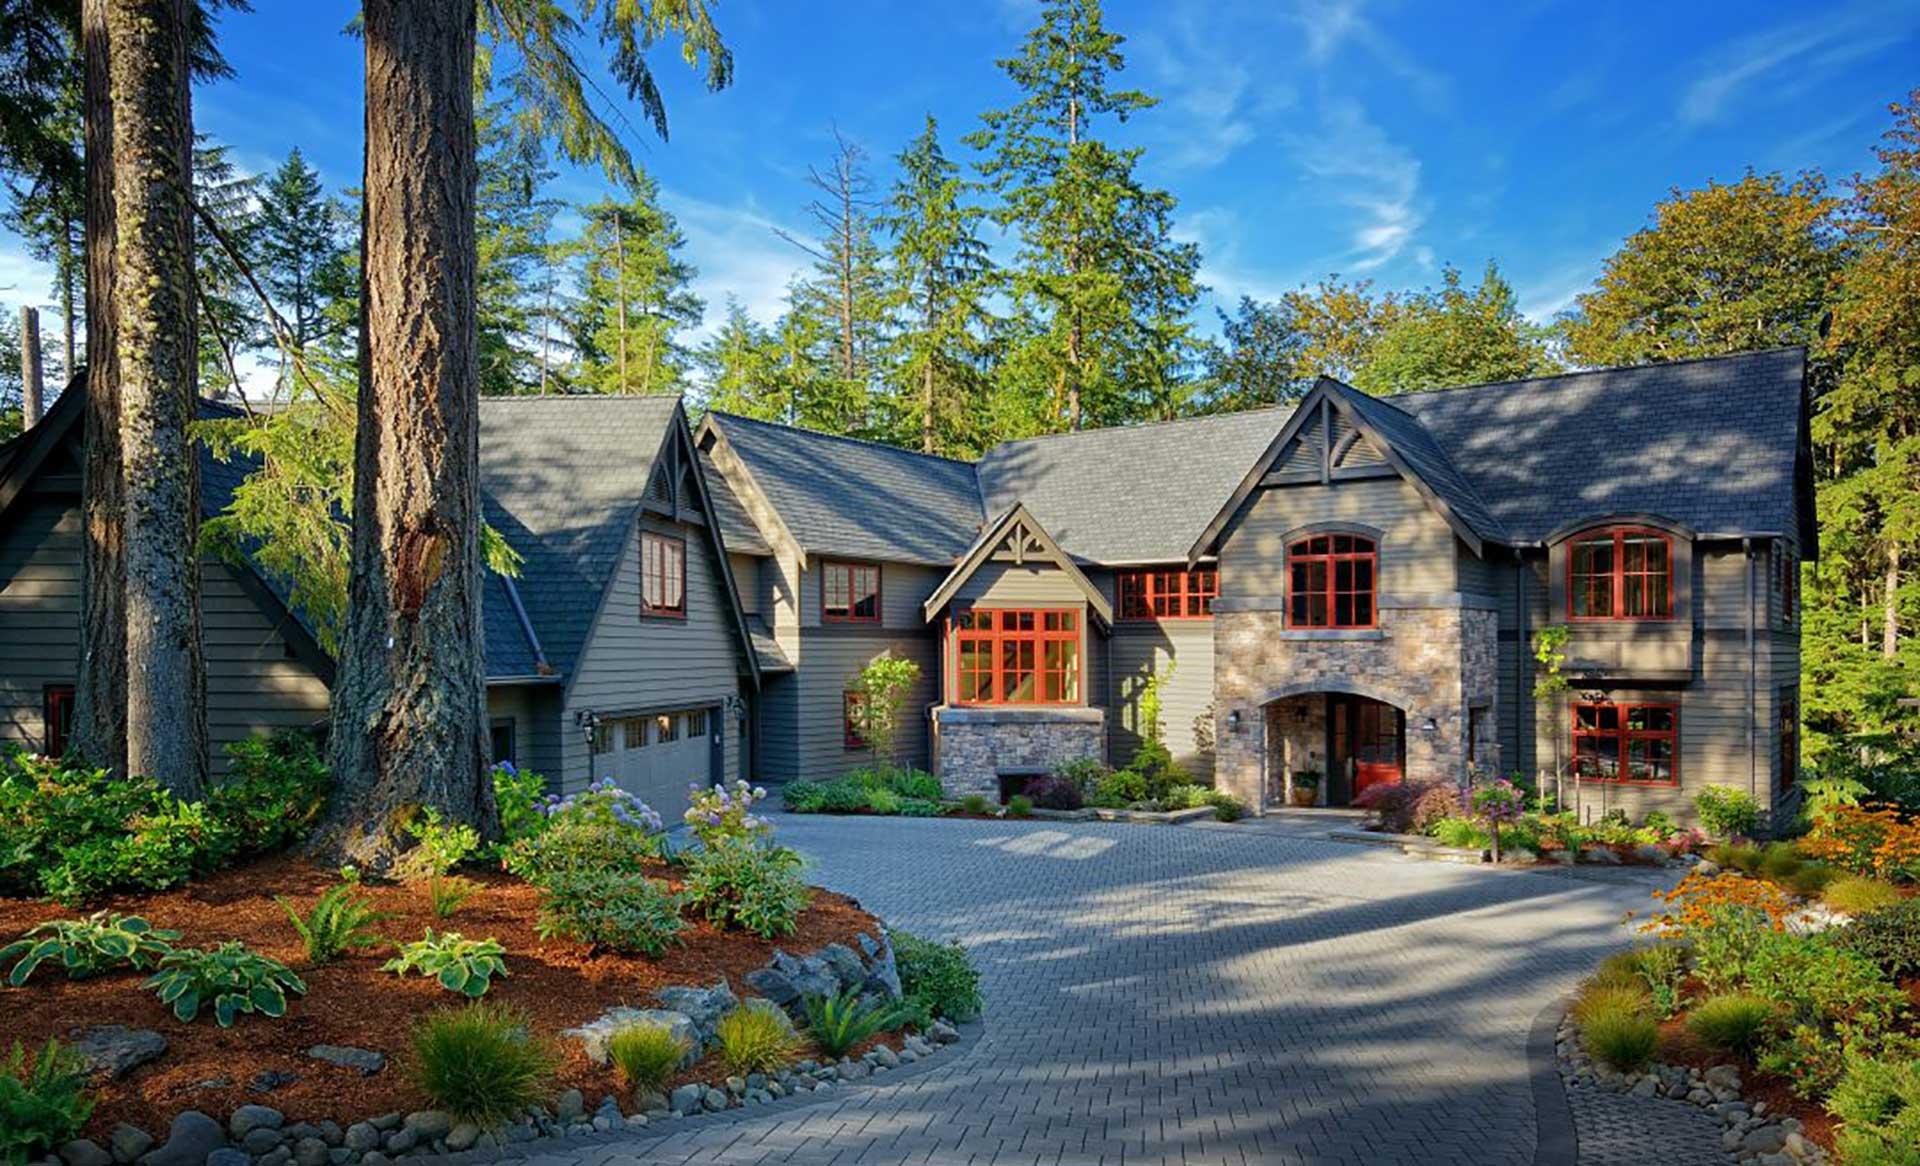 Design Guild Homes. Wooded Highlands Custom Built Home.